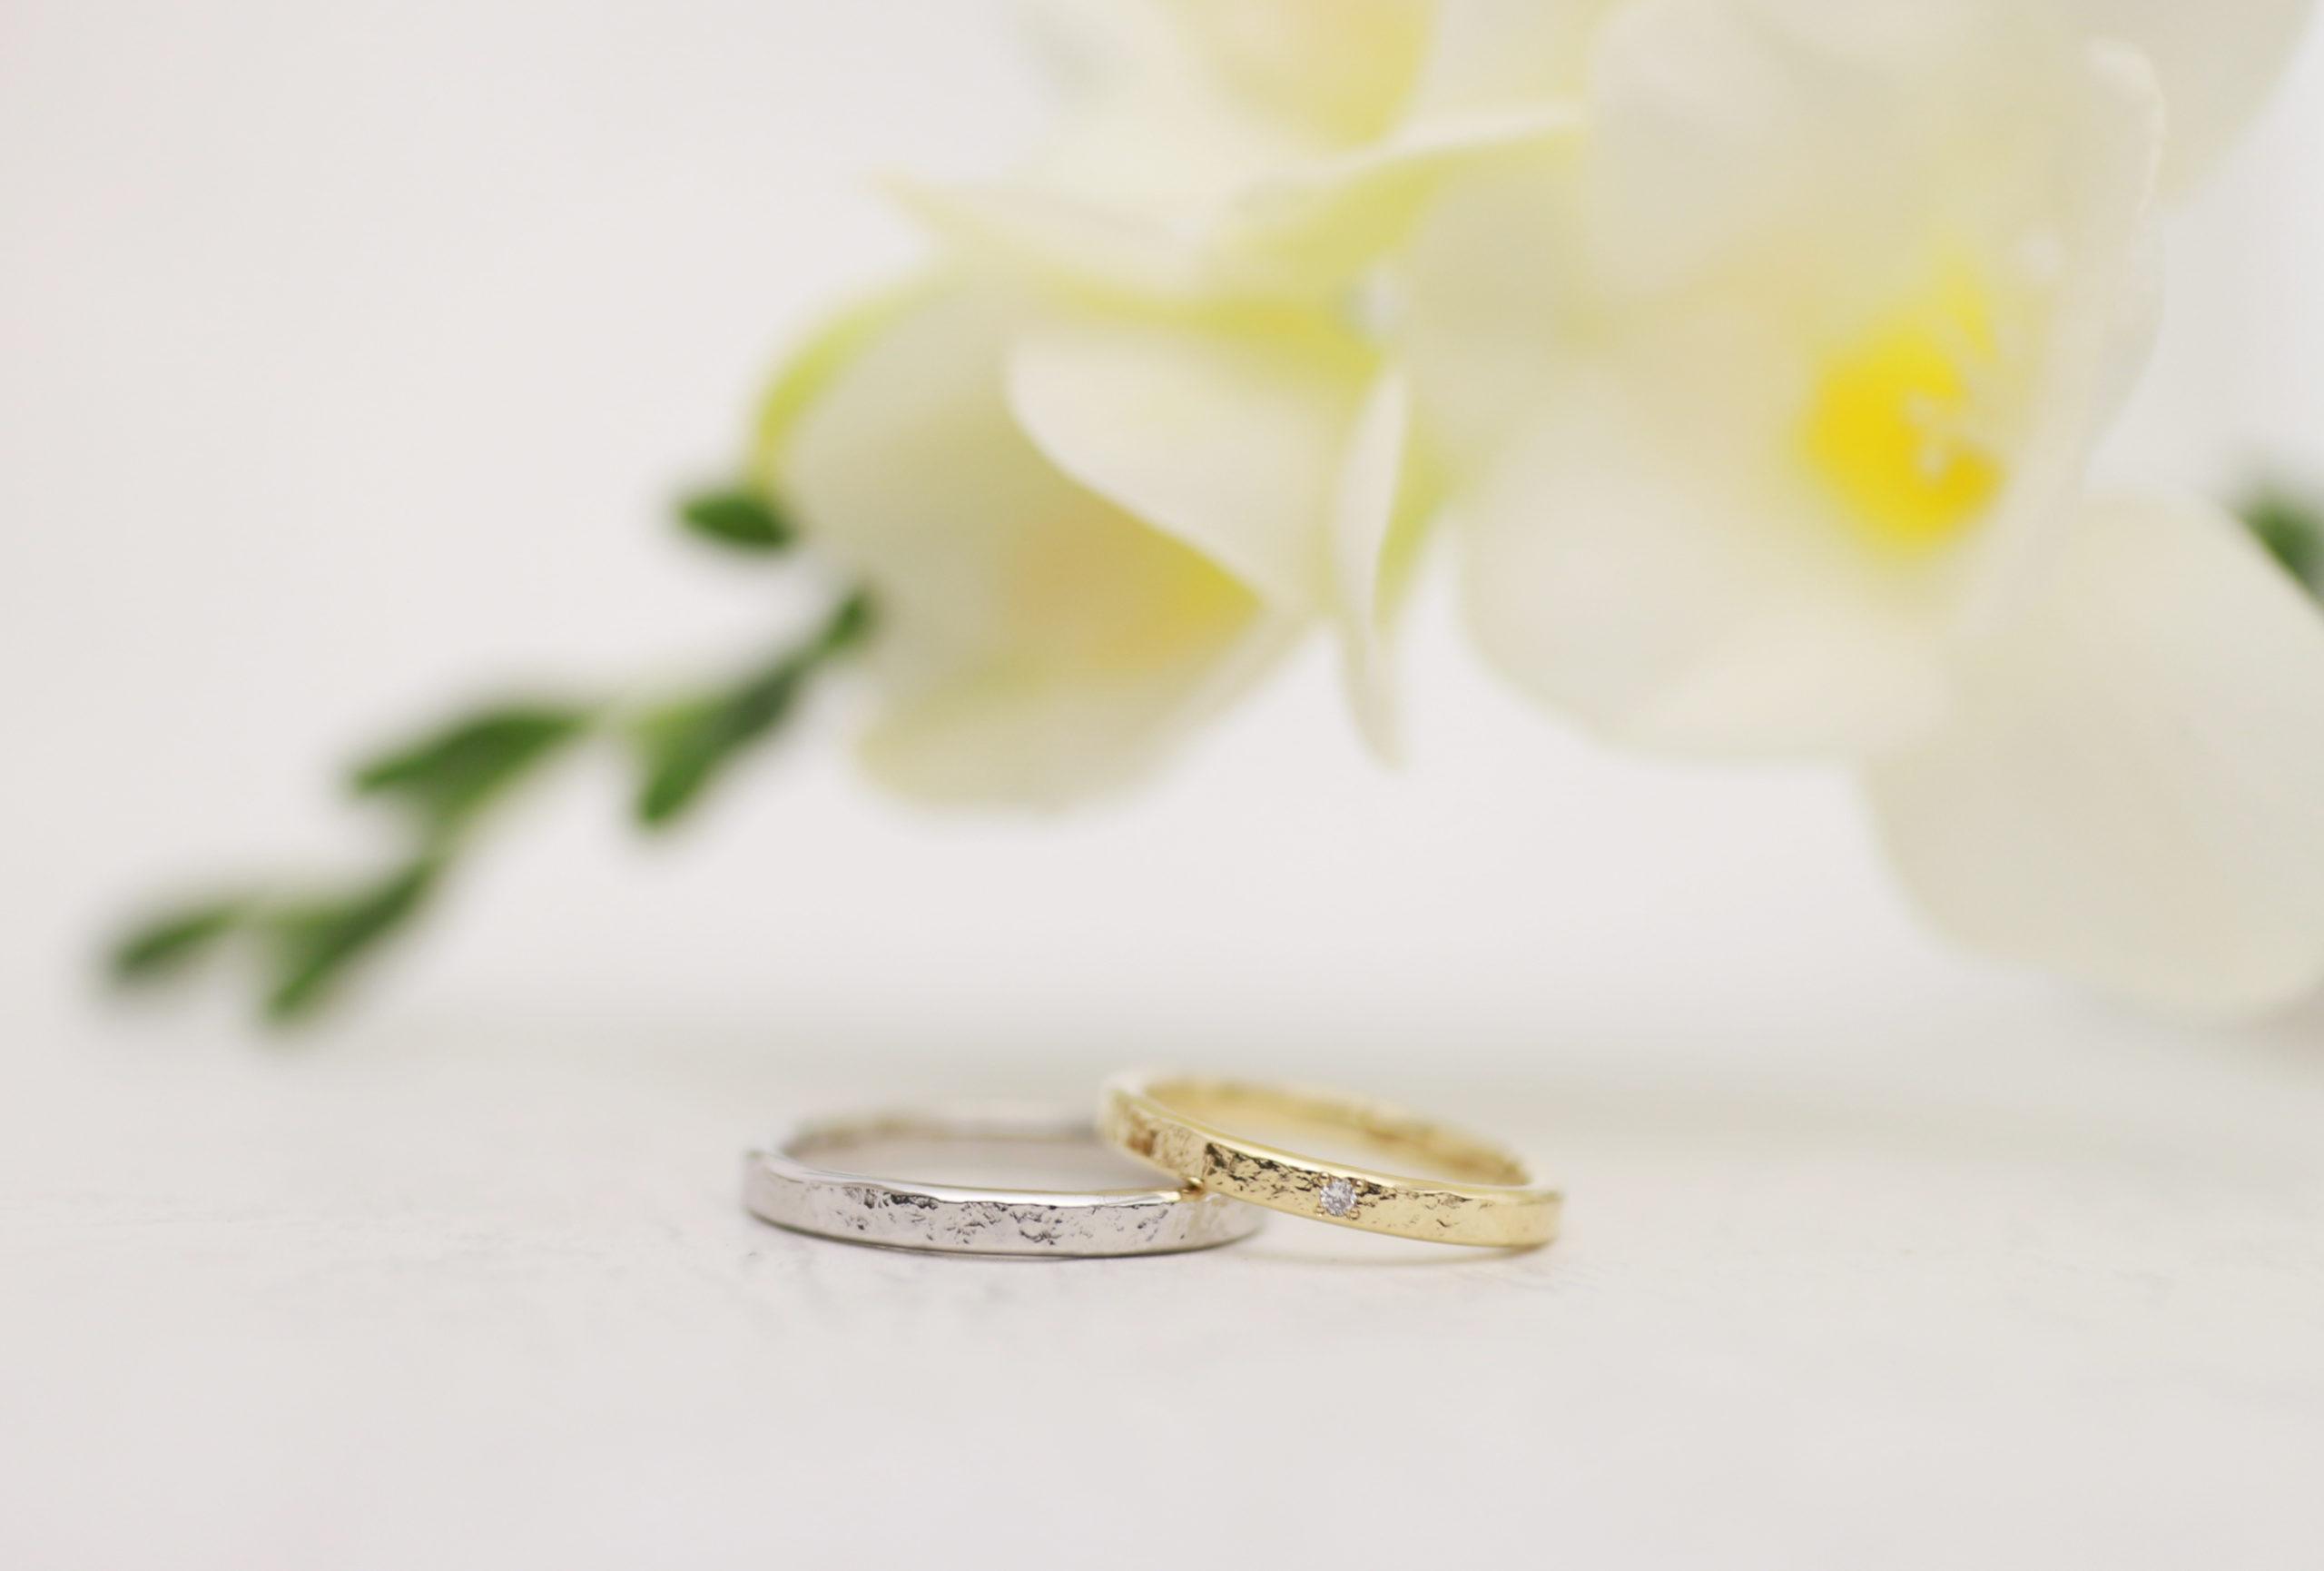 ダイヤモンドプロポーズ後の結婚指輪制作